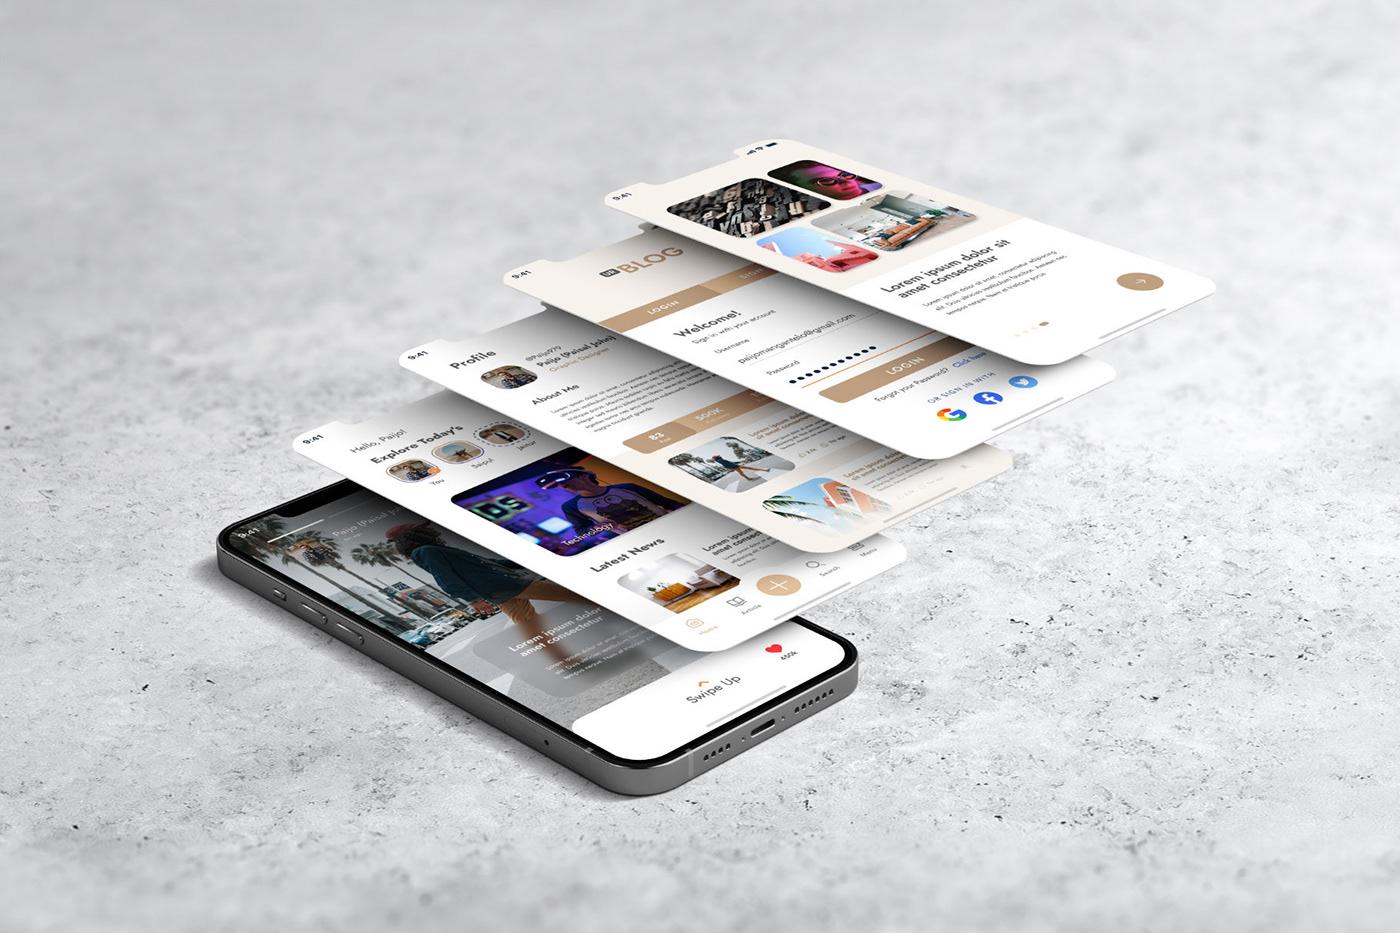 15个自适应网页APP界面设计苹果设备屏幕演示样机模板 UI/UX App Presentation – Phone & Notebook Mockup插图4